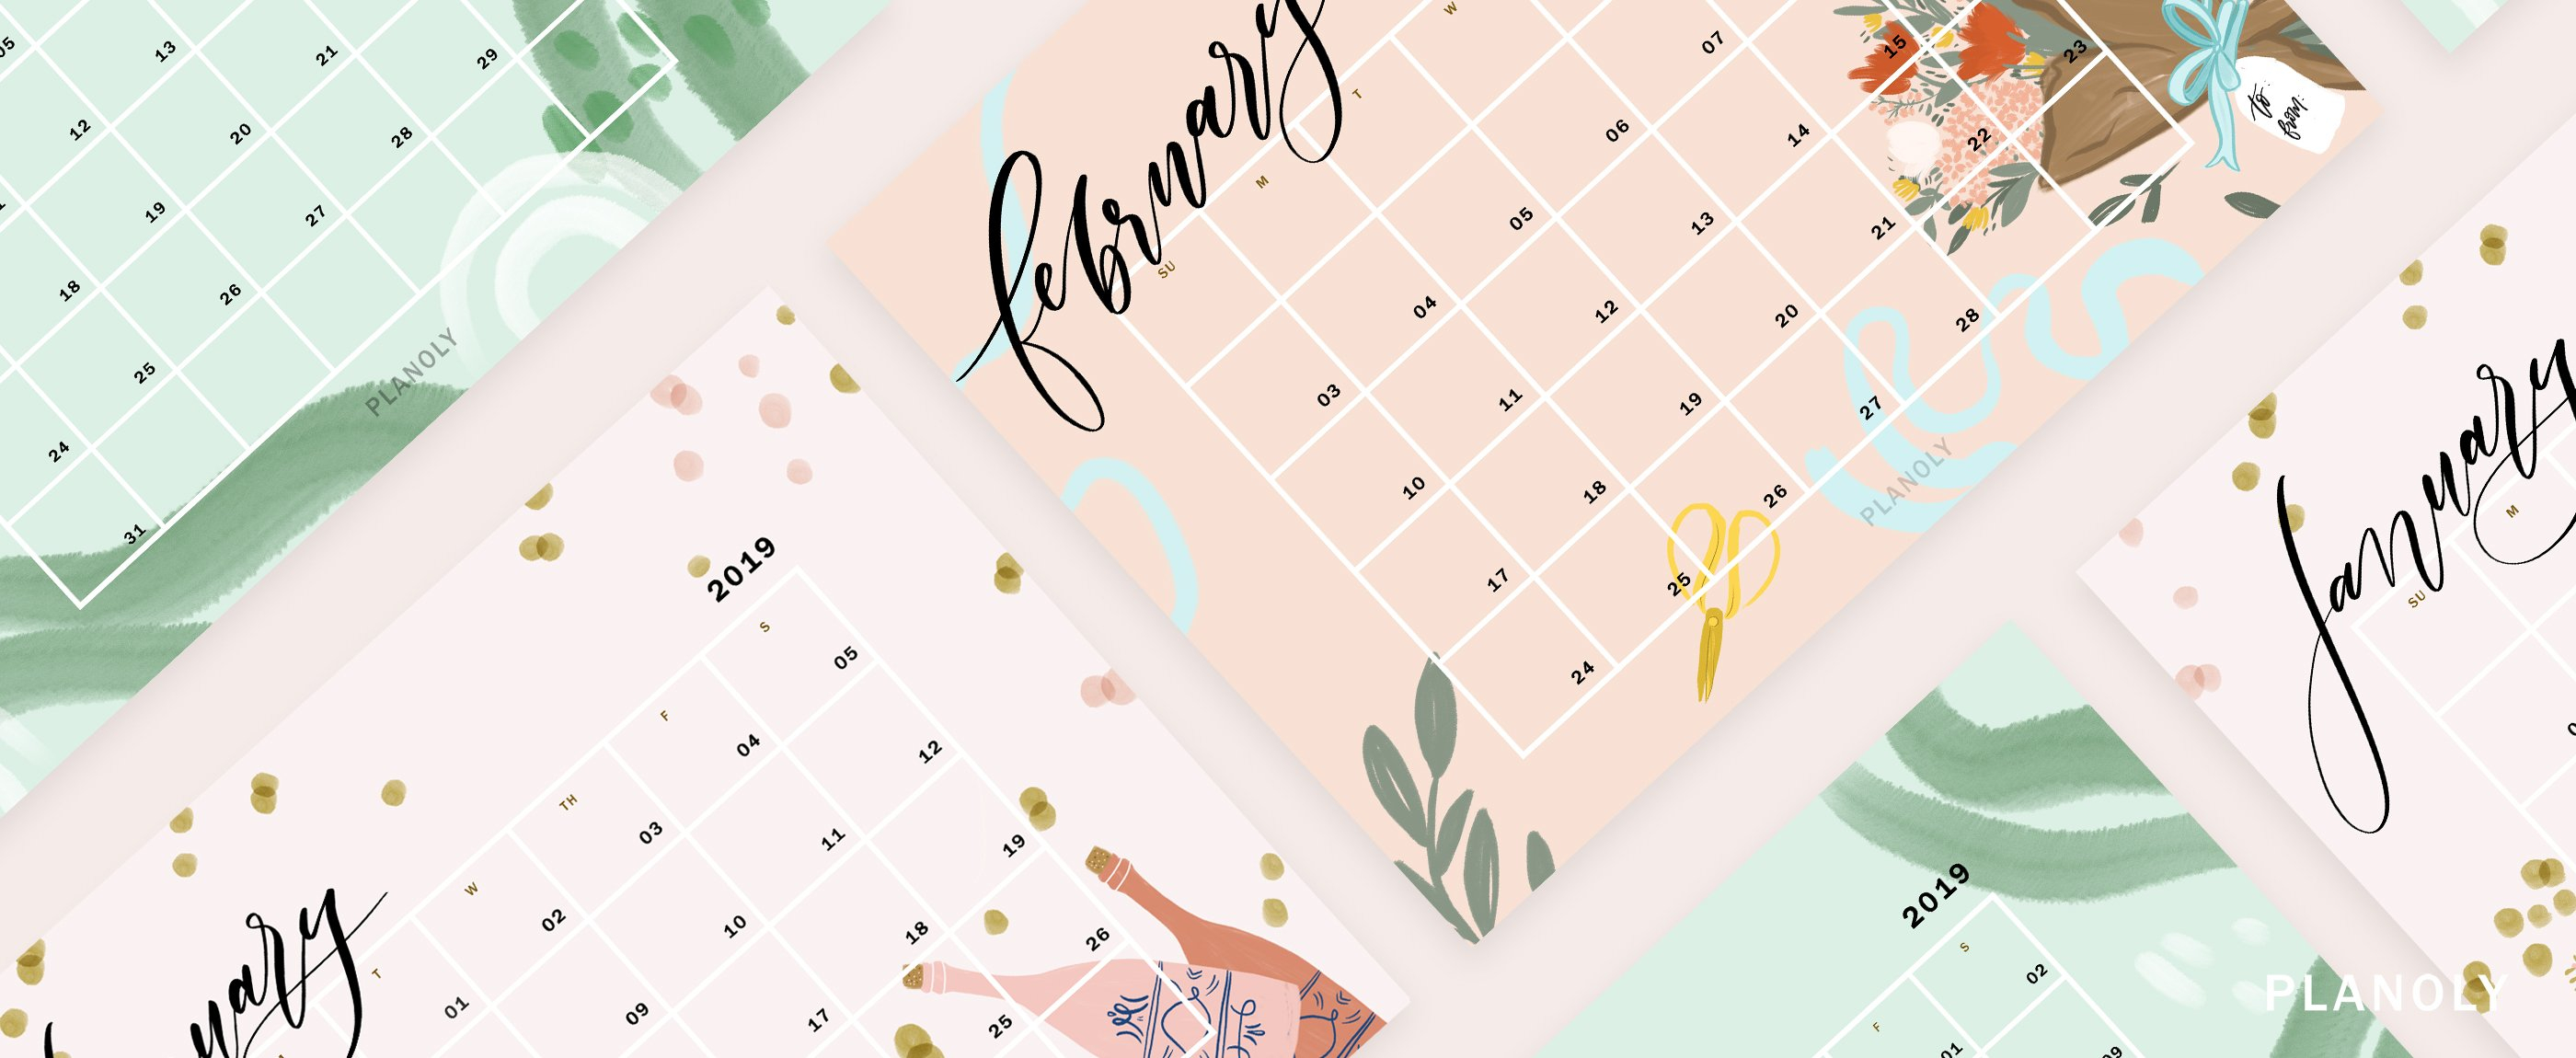 Q1 2019 Content Calendars - Planoly Calendar 2019 Blog